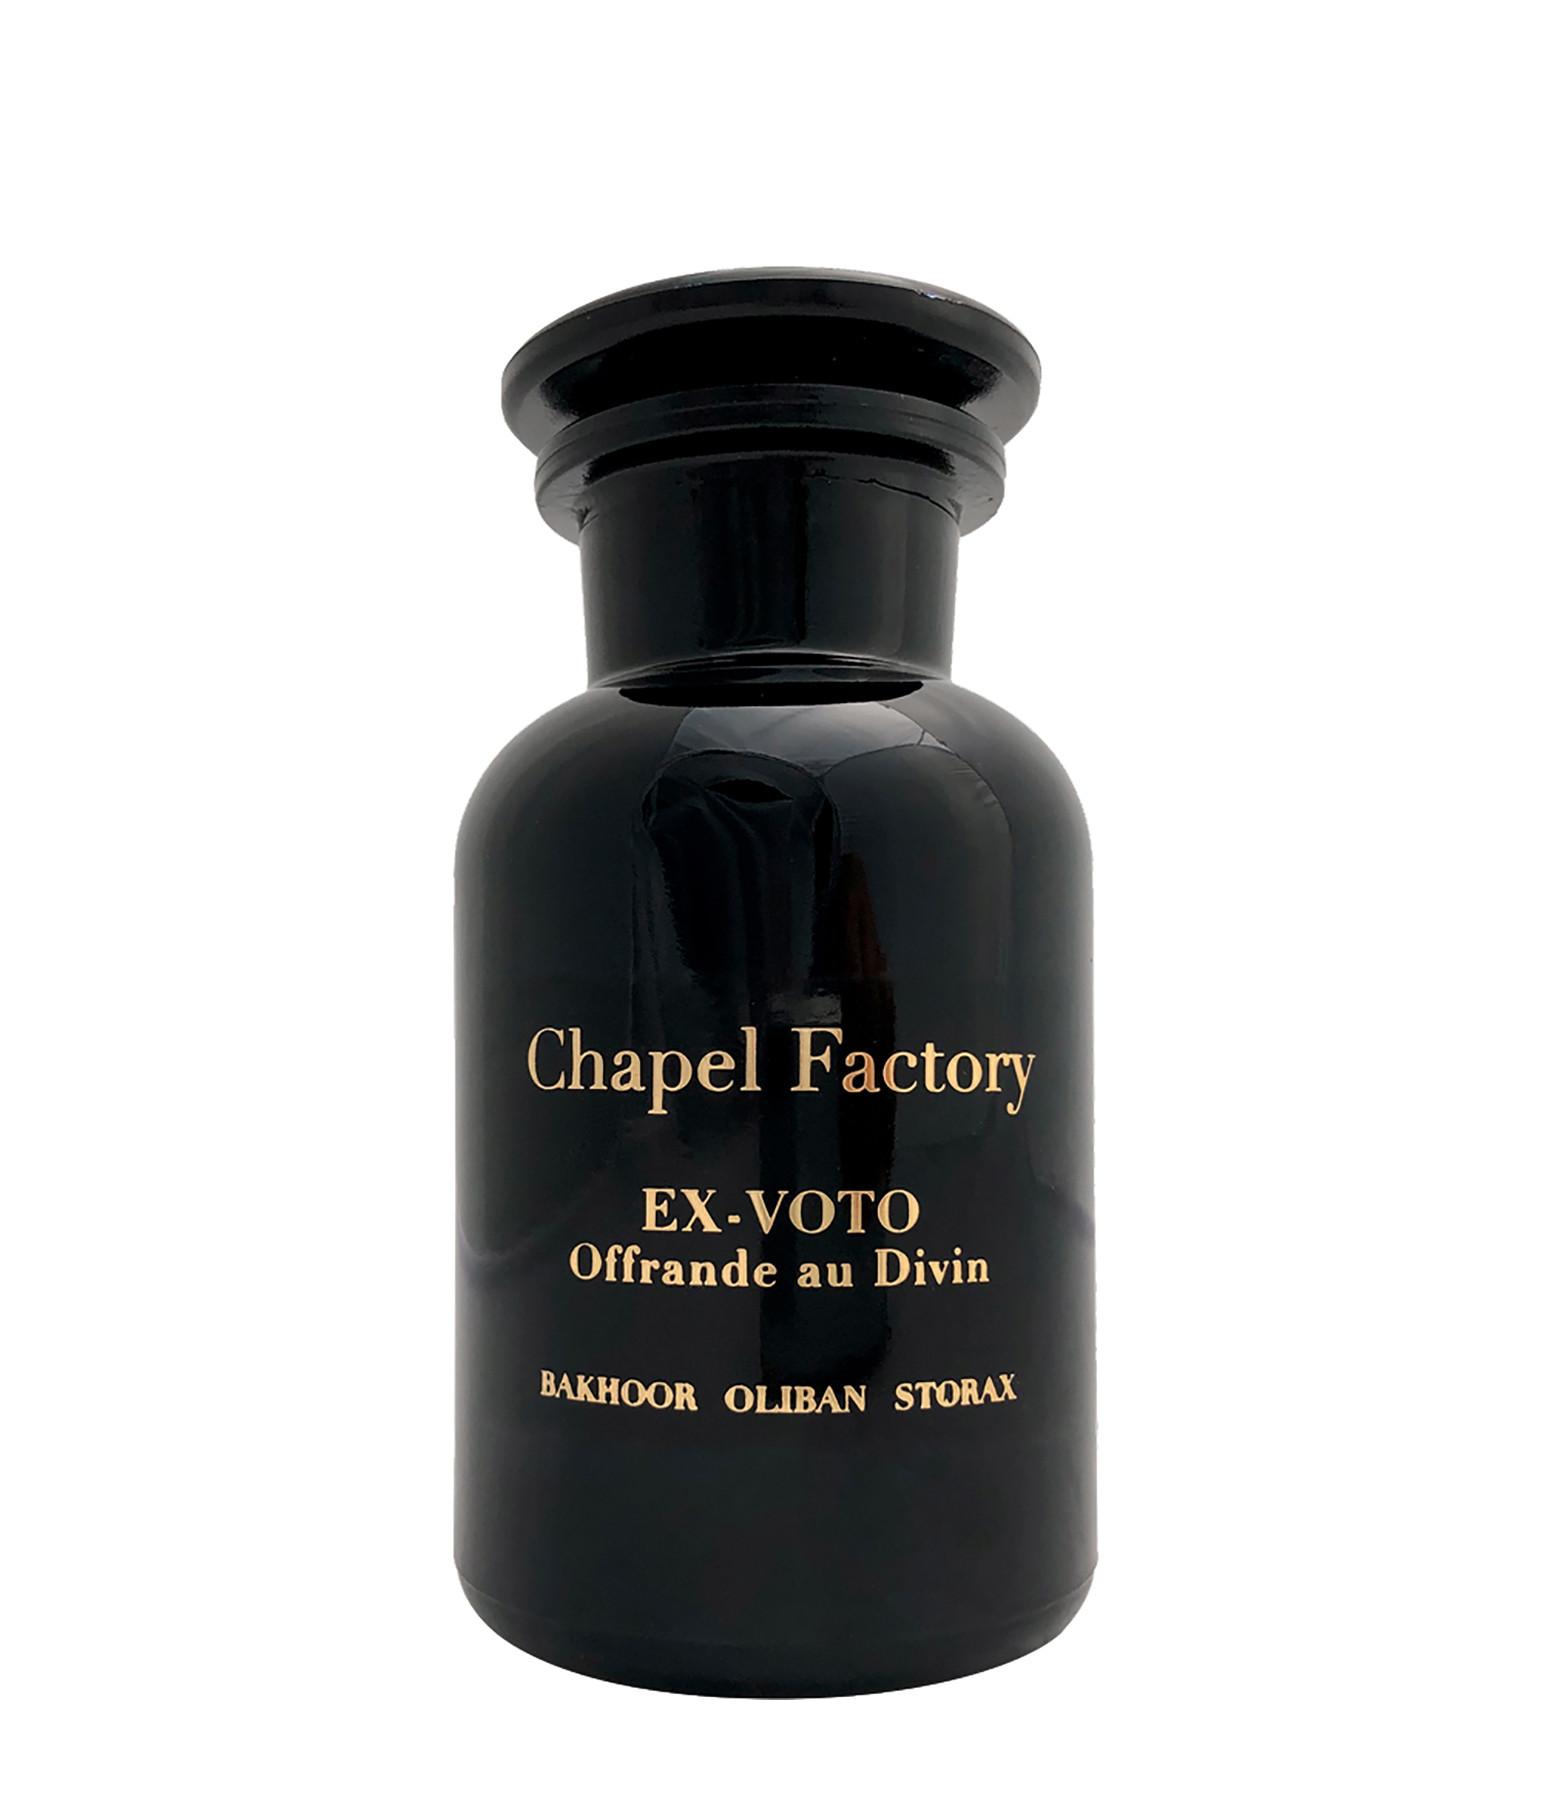 CHAPEL FACTORY - Diffuseur Ex-Voto 250 ml